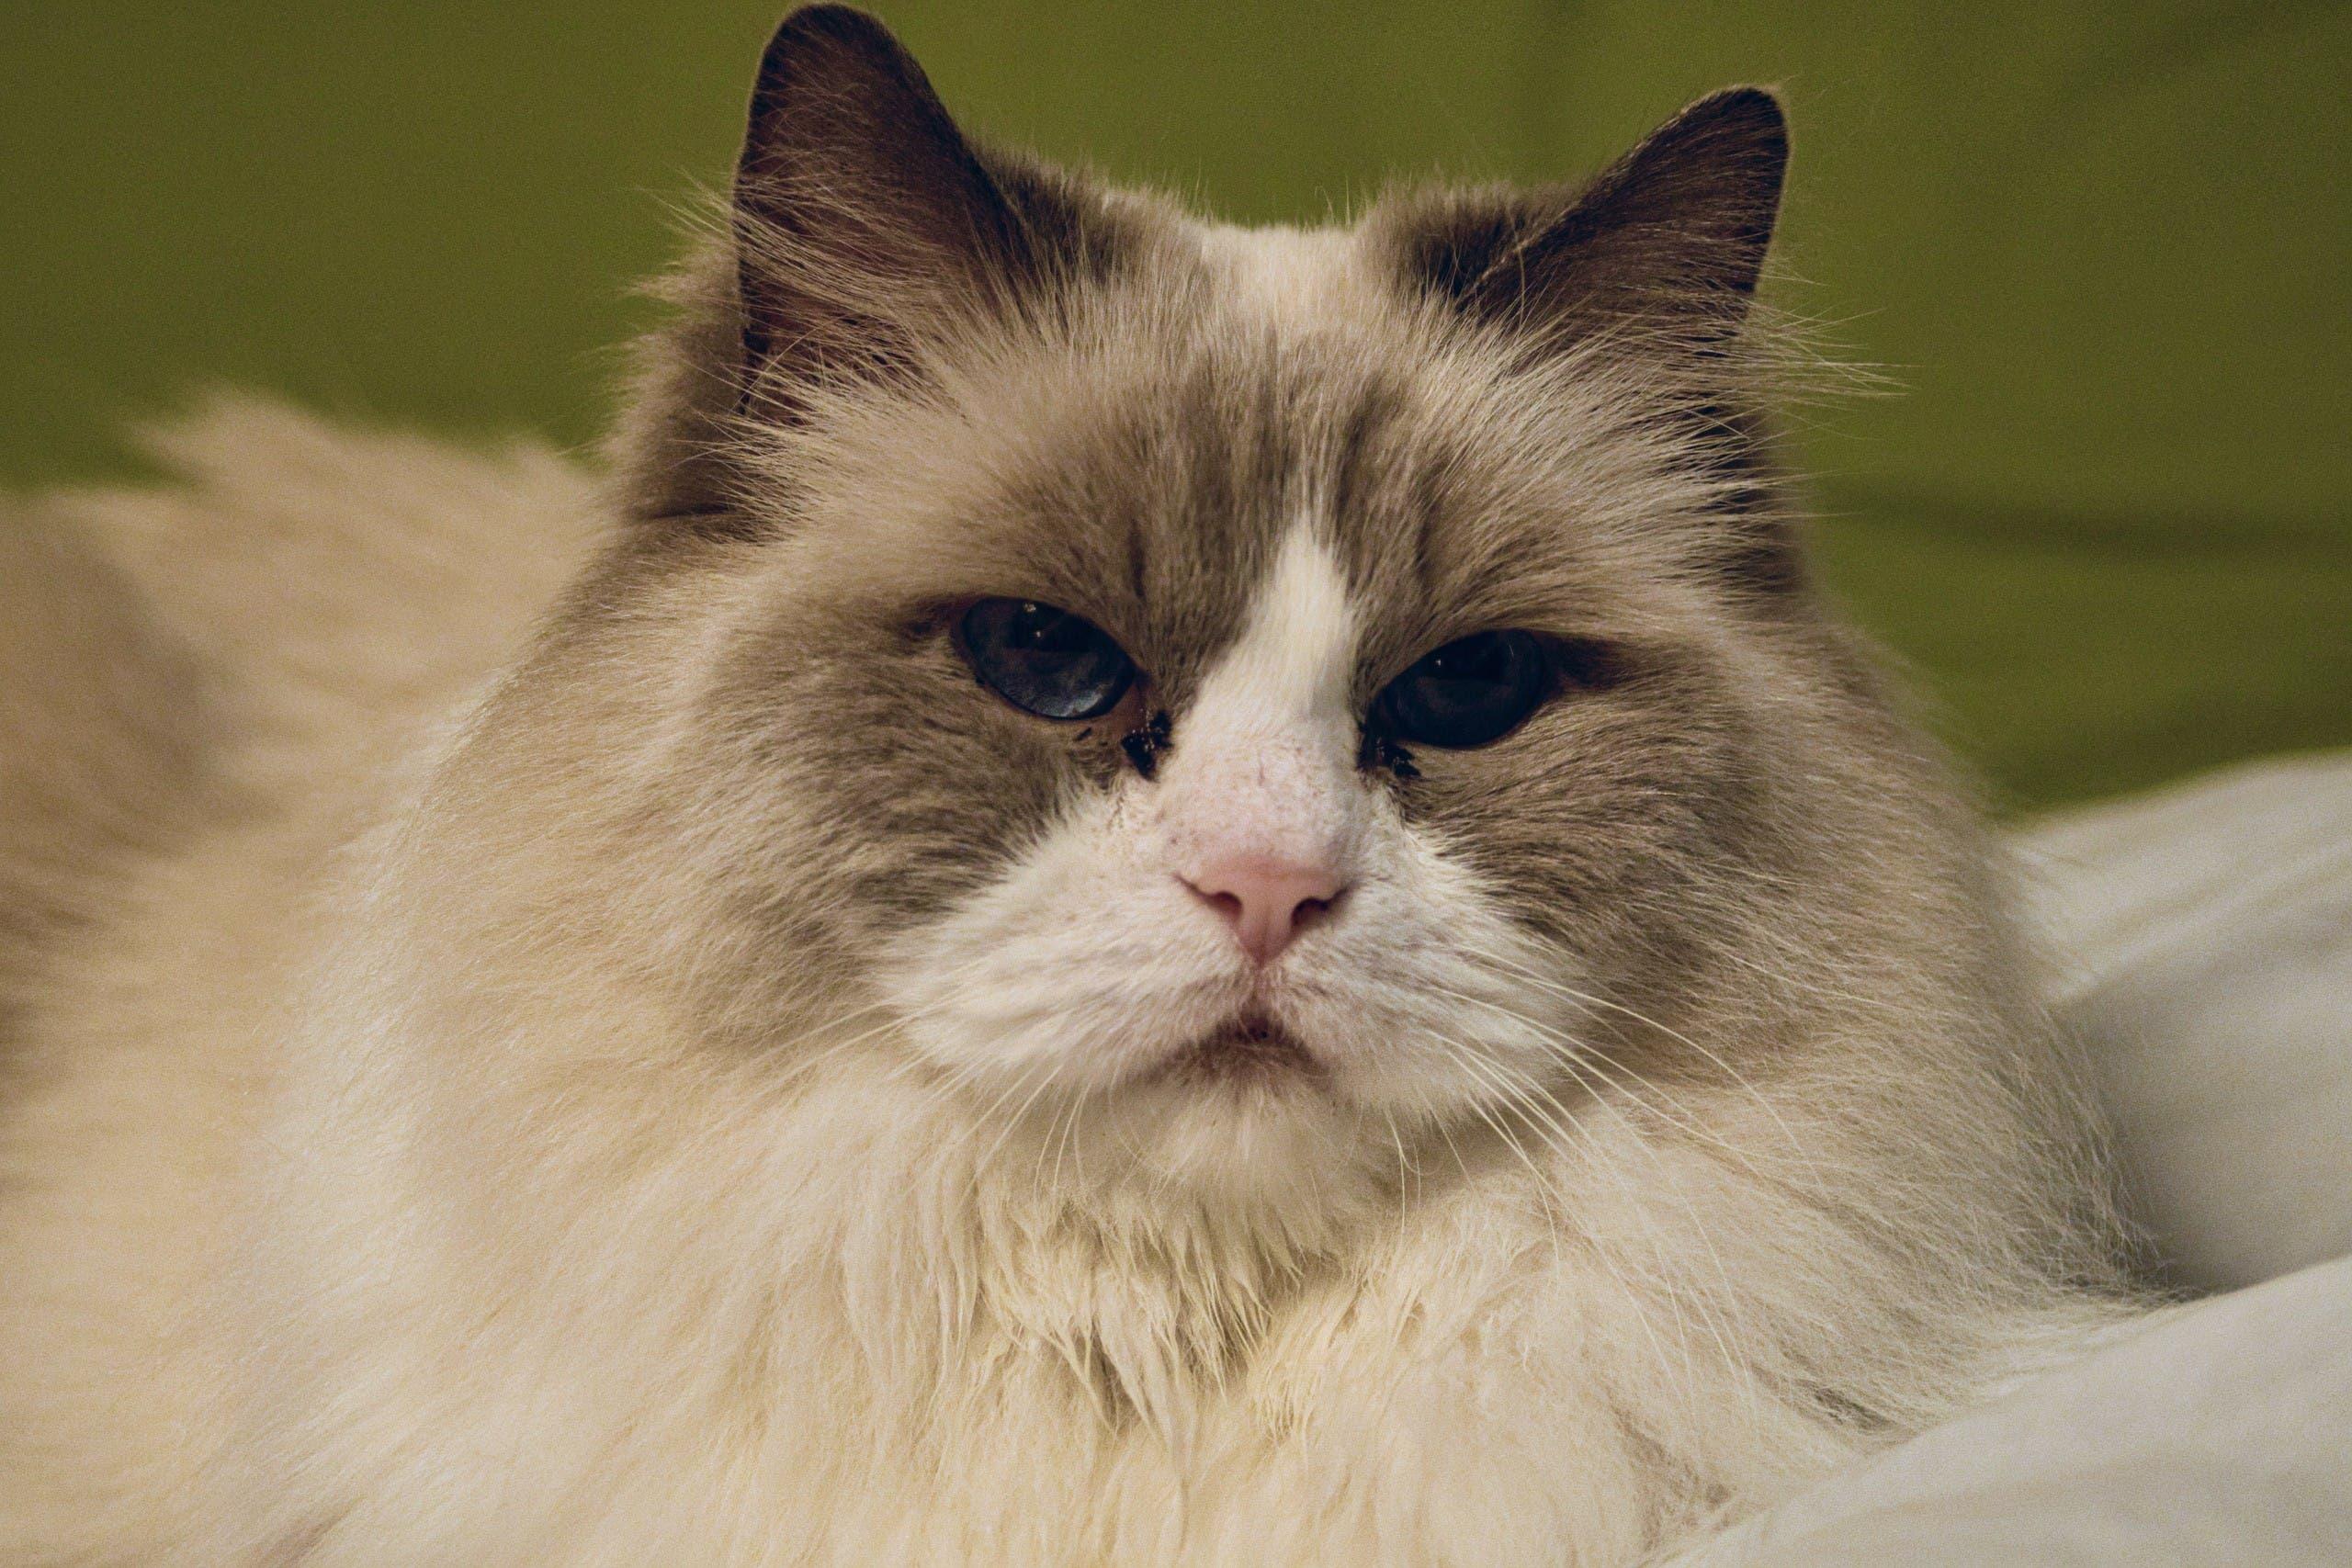 Ragdoll cat. (Unsplash, Yuval Zukerman)